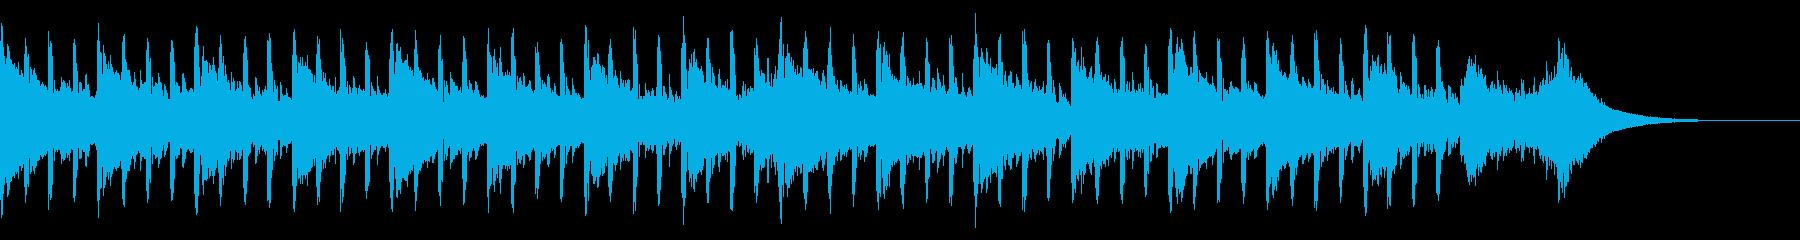 インタビュー音楽(短編)の再生済みの波形